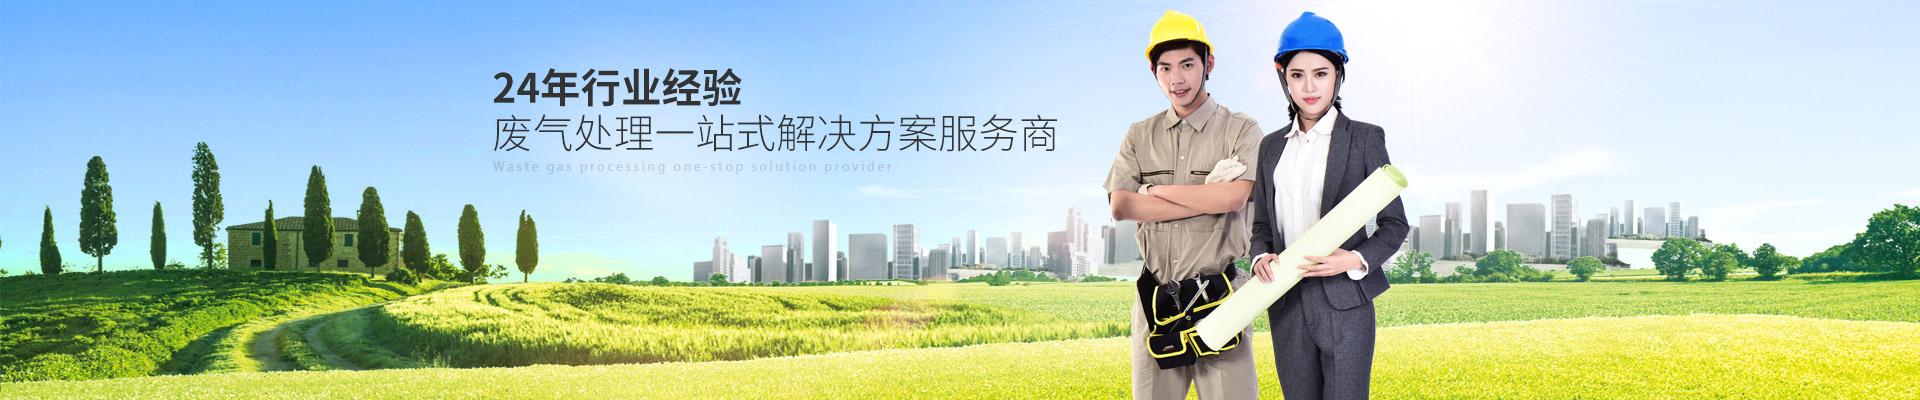 天浩洋-24年行业经验废气处理一站式解决方案服务商